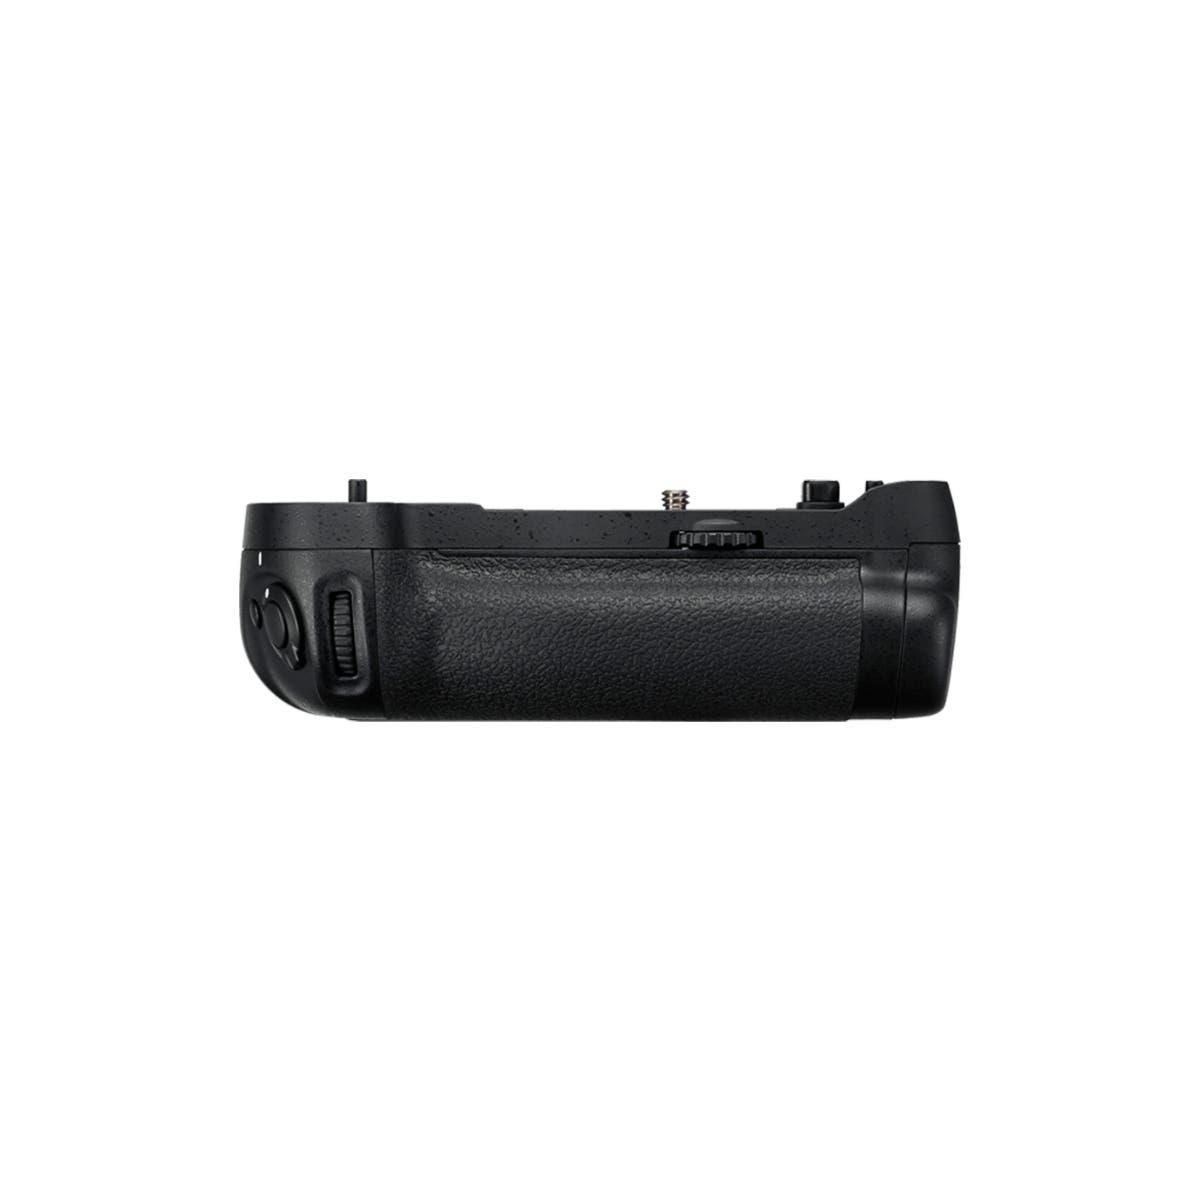 MB-D17 Multi Power Battery pack